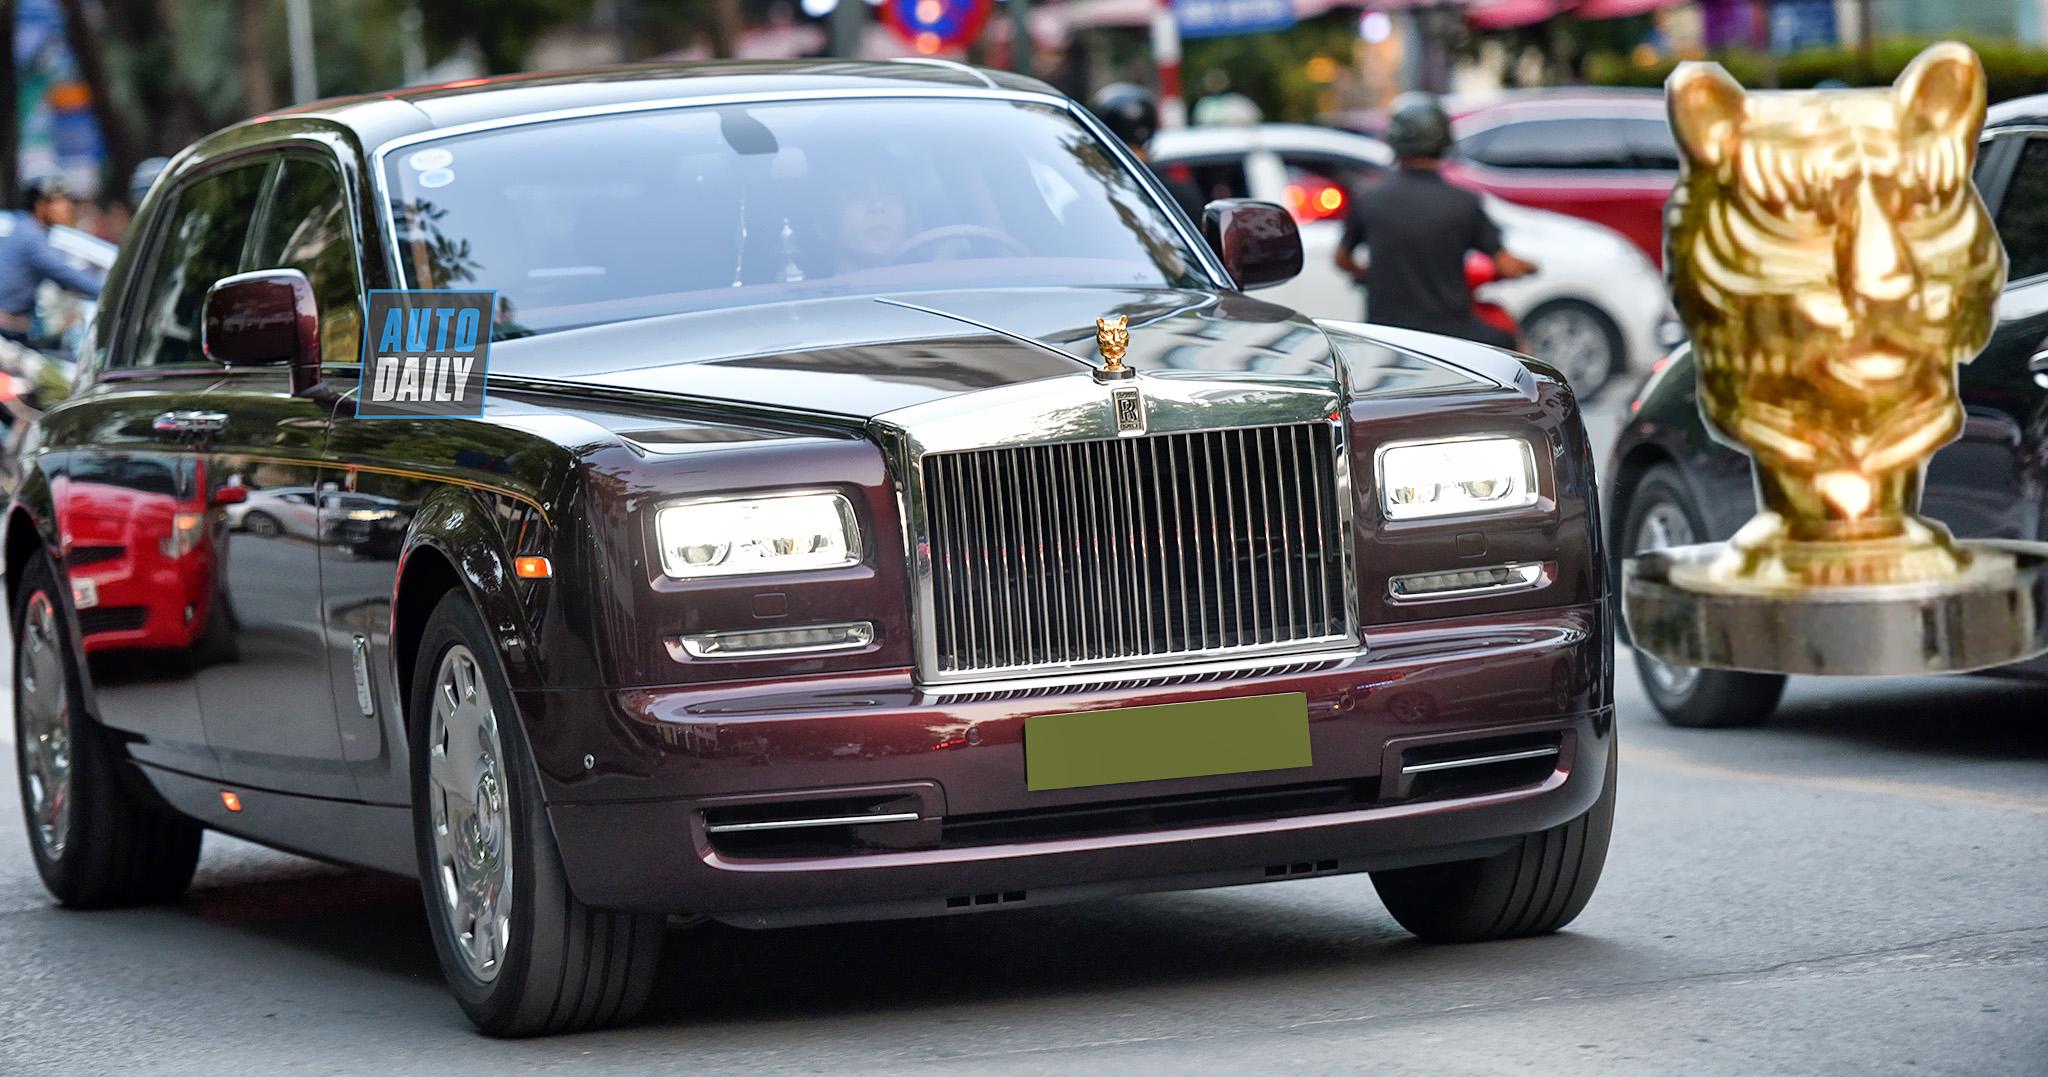 Rolls-Royce Phantom hơn 80 tỷ sở hữu biểu tượng đầu Hổ cực độc tại VN